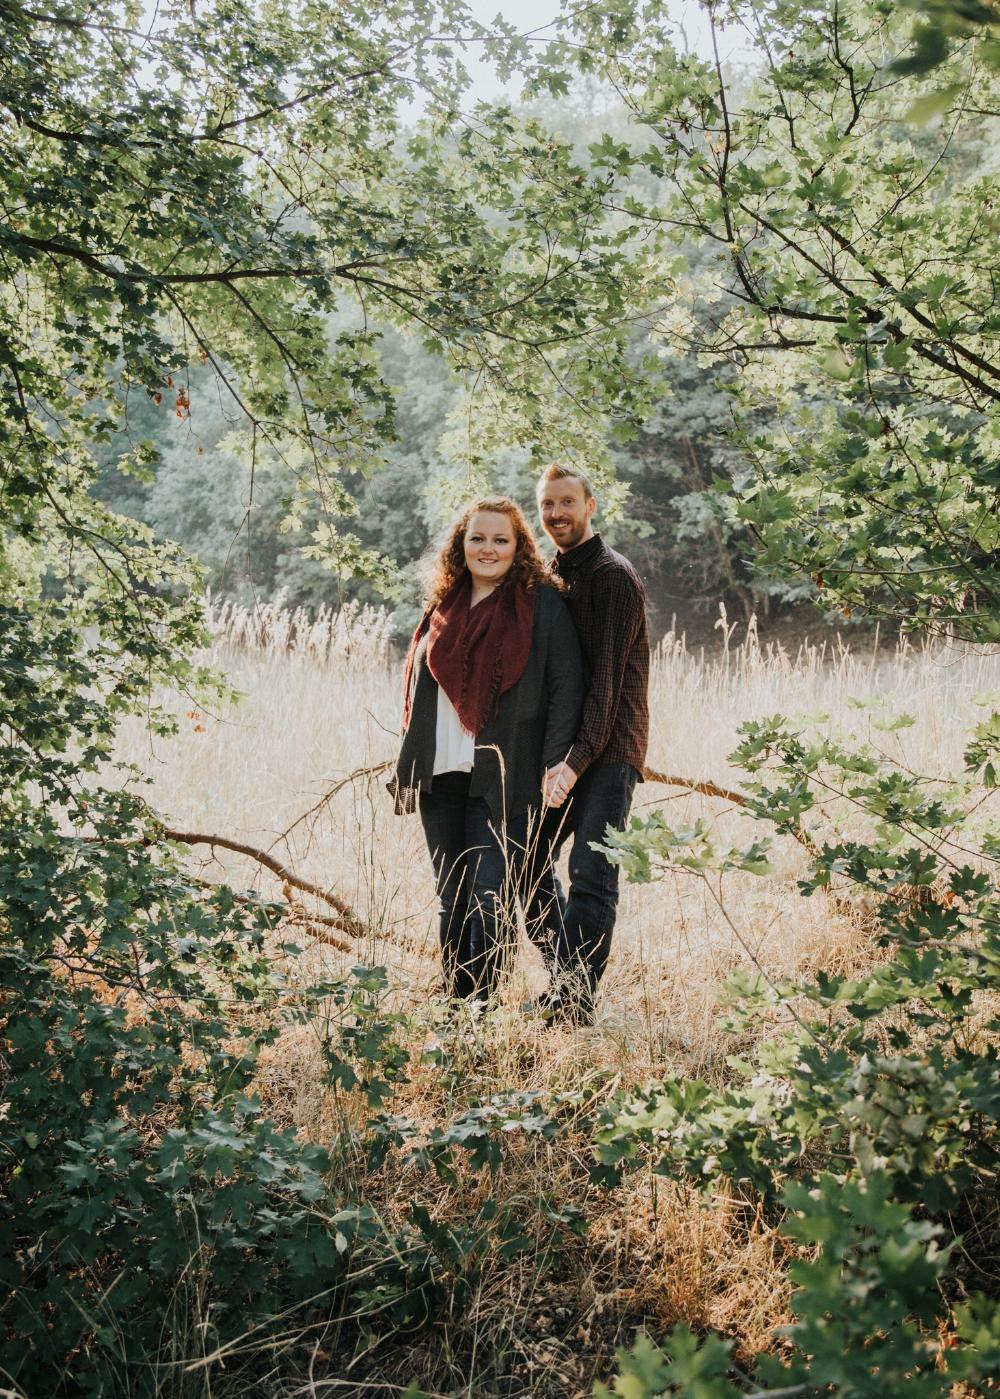 Photography | Couple | Lifestyle Photography | Couple photography | Utah photographer | Engagement Session | Engagement Photography Poses | Dellany Elizabeth